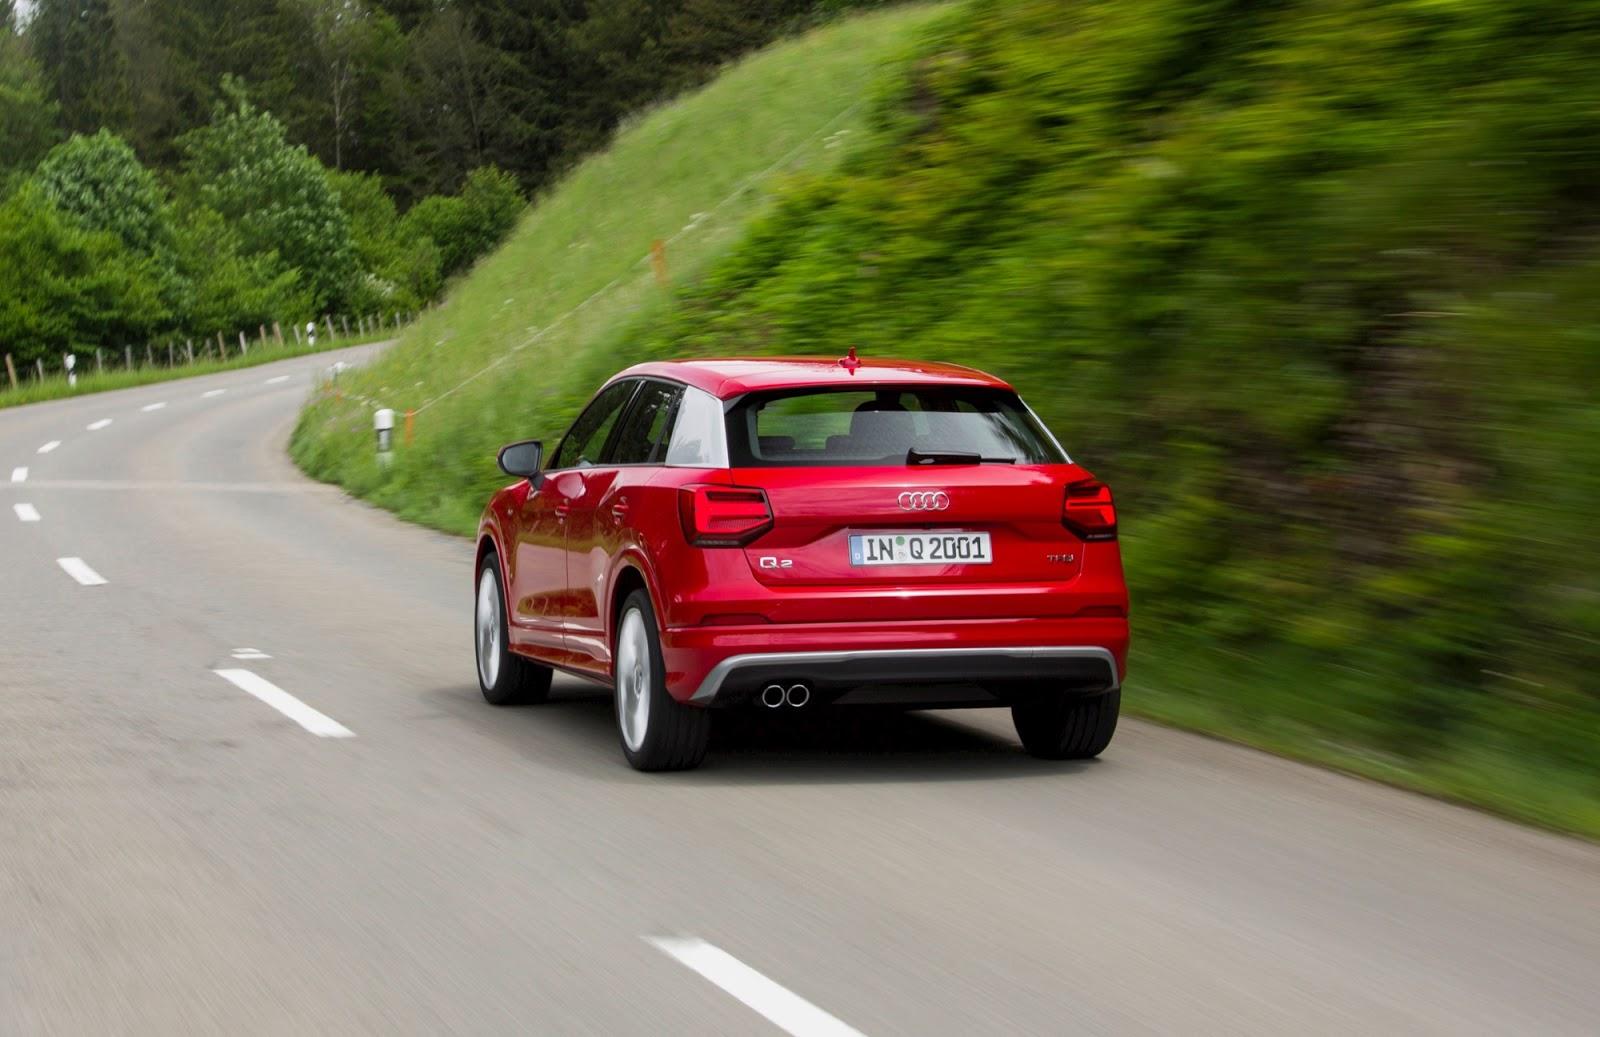 Khả năng vận hành của Audi Q2 2017 rất đa nhiệm